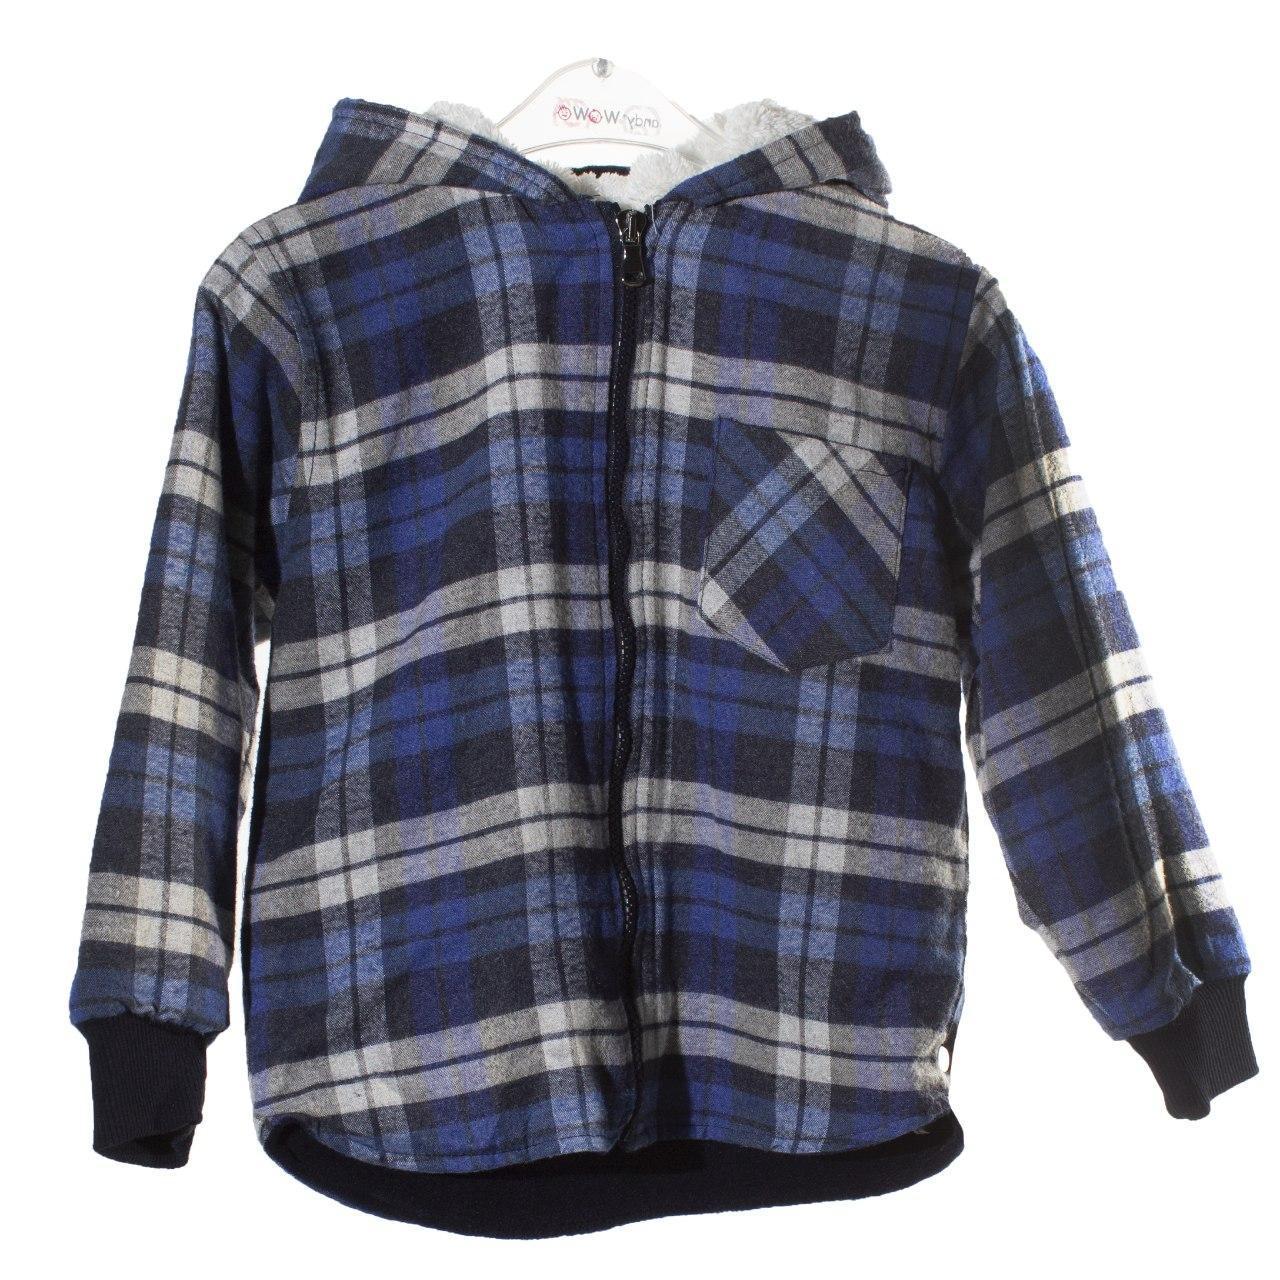 Рубашка с капюшоном на флисе для мальчика, размер 5/6 лет